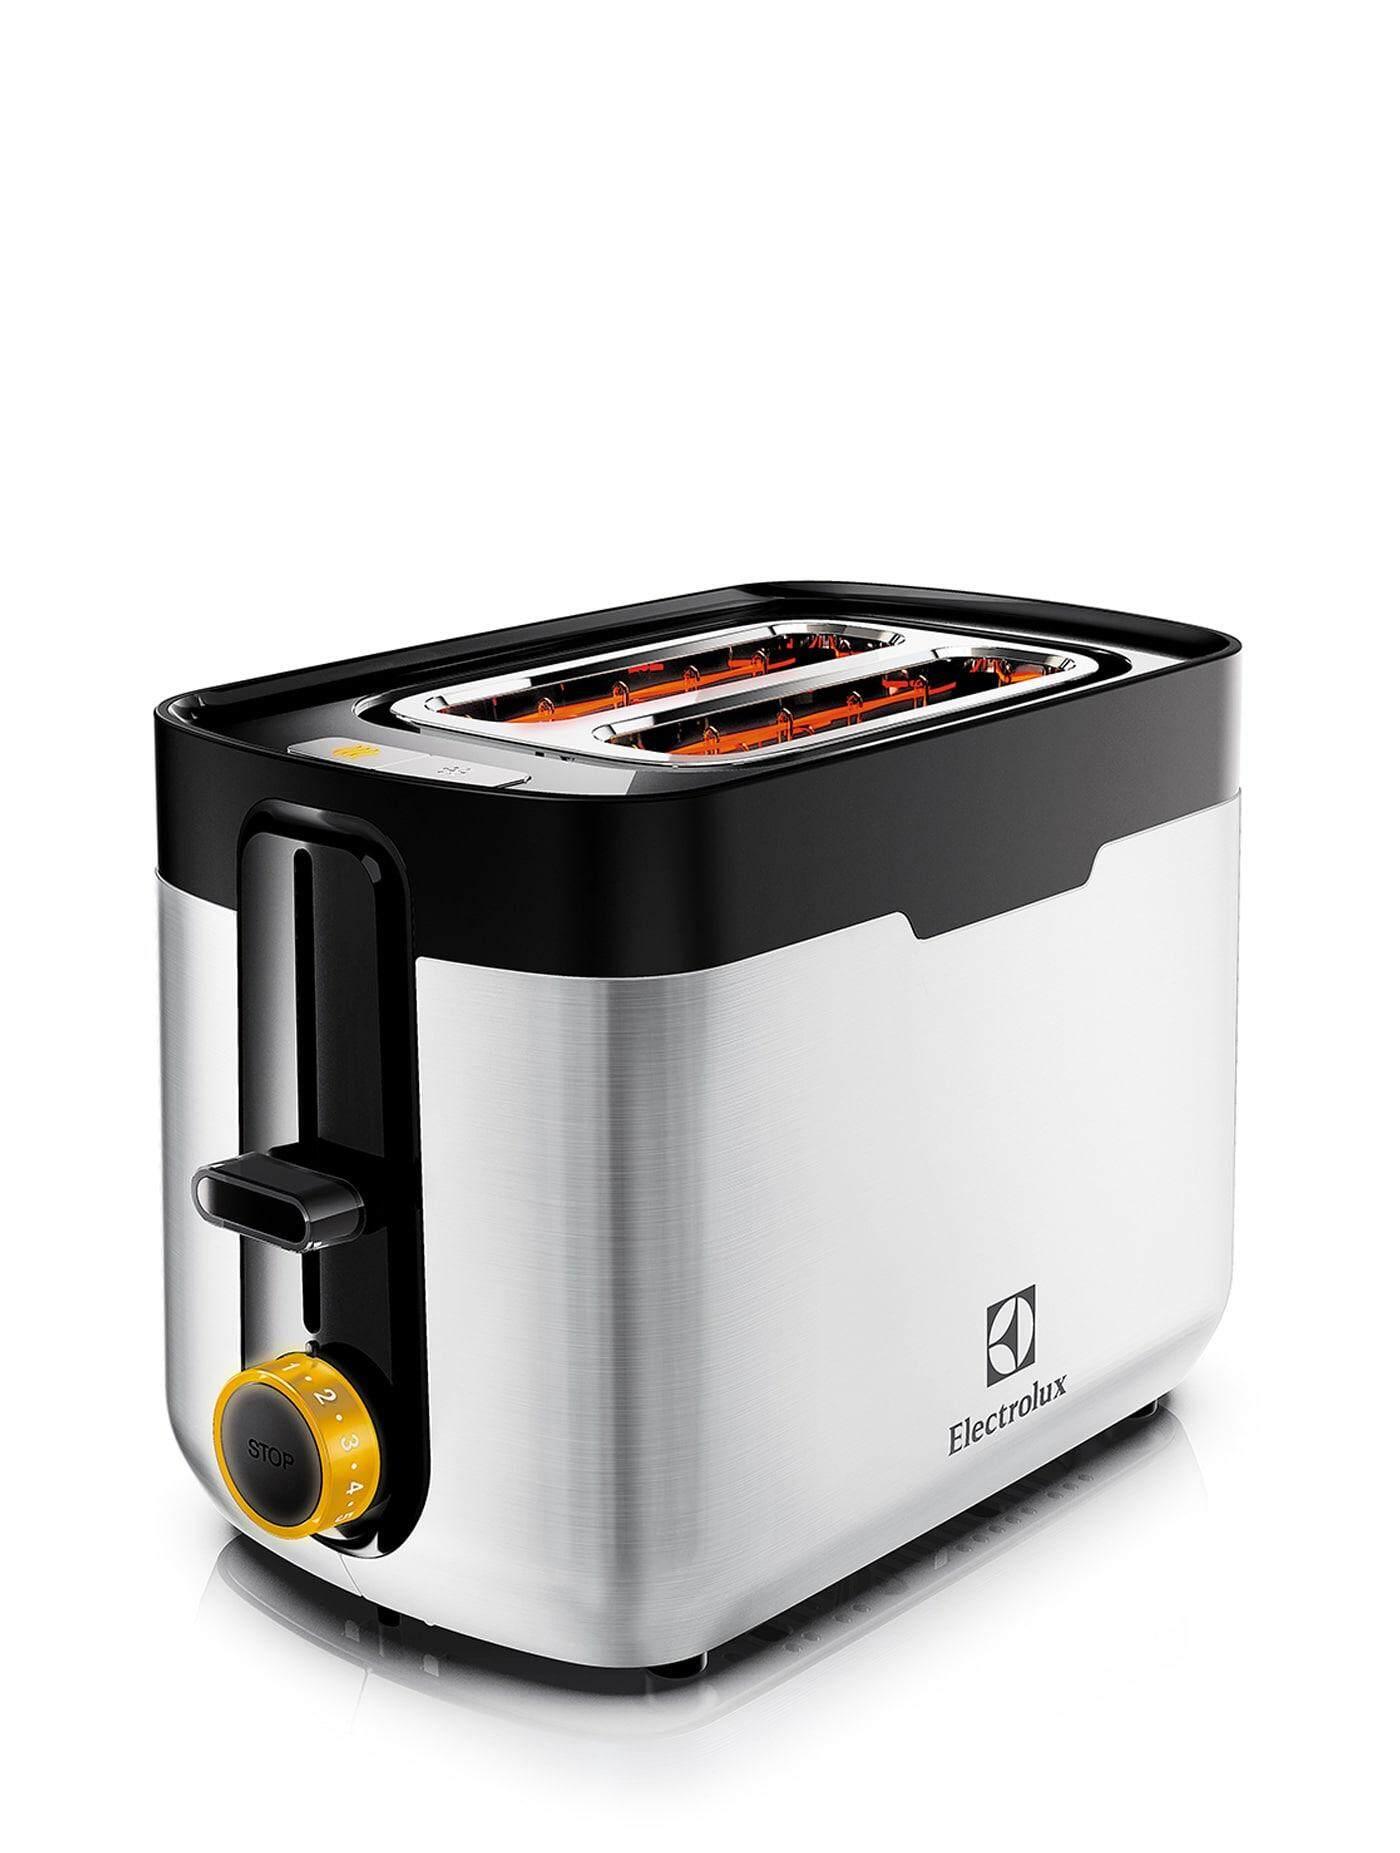 ยี่ห้อนี้ดีไหม  บึงกาฬ ELECTROLUX 2-Slice Toaster maker ETS5604S Stainless toasters sandwich makers